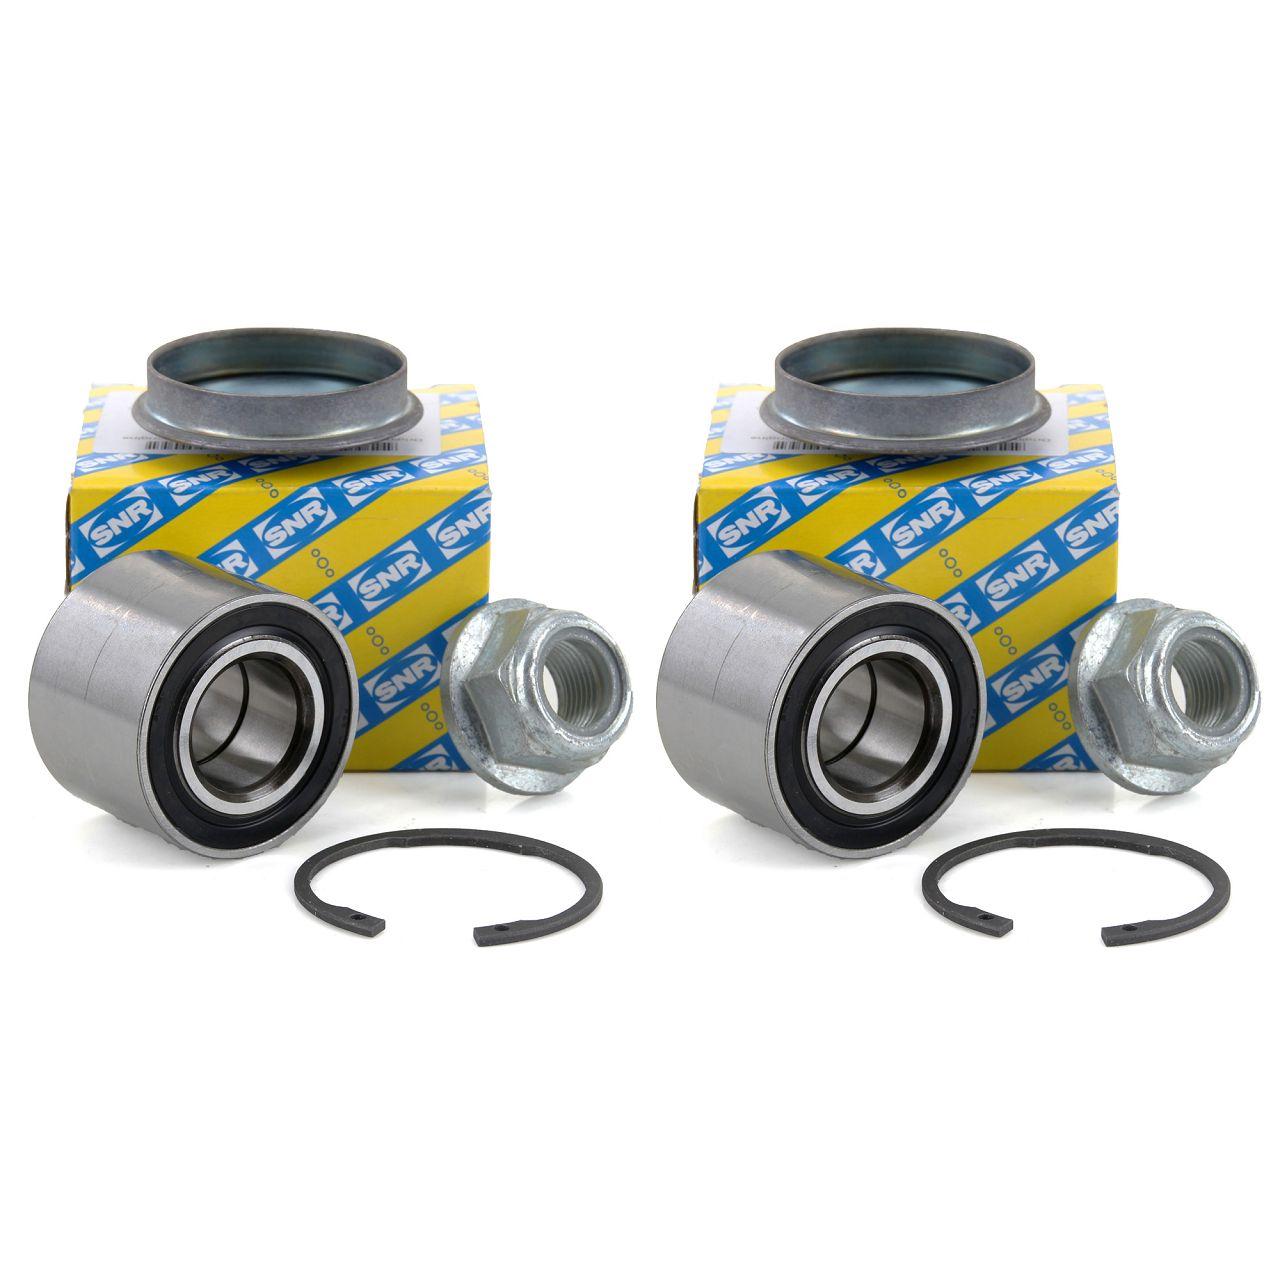 2x SNR R155.63 Radlagersatz RENAULT Clio Megane Twingo vorne / hinten